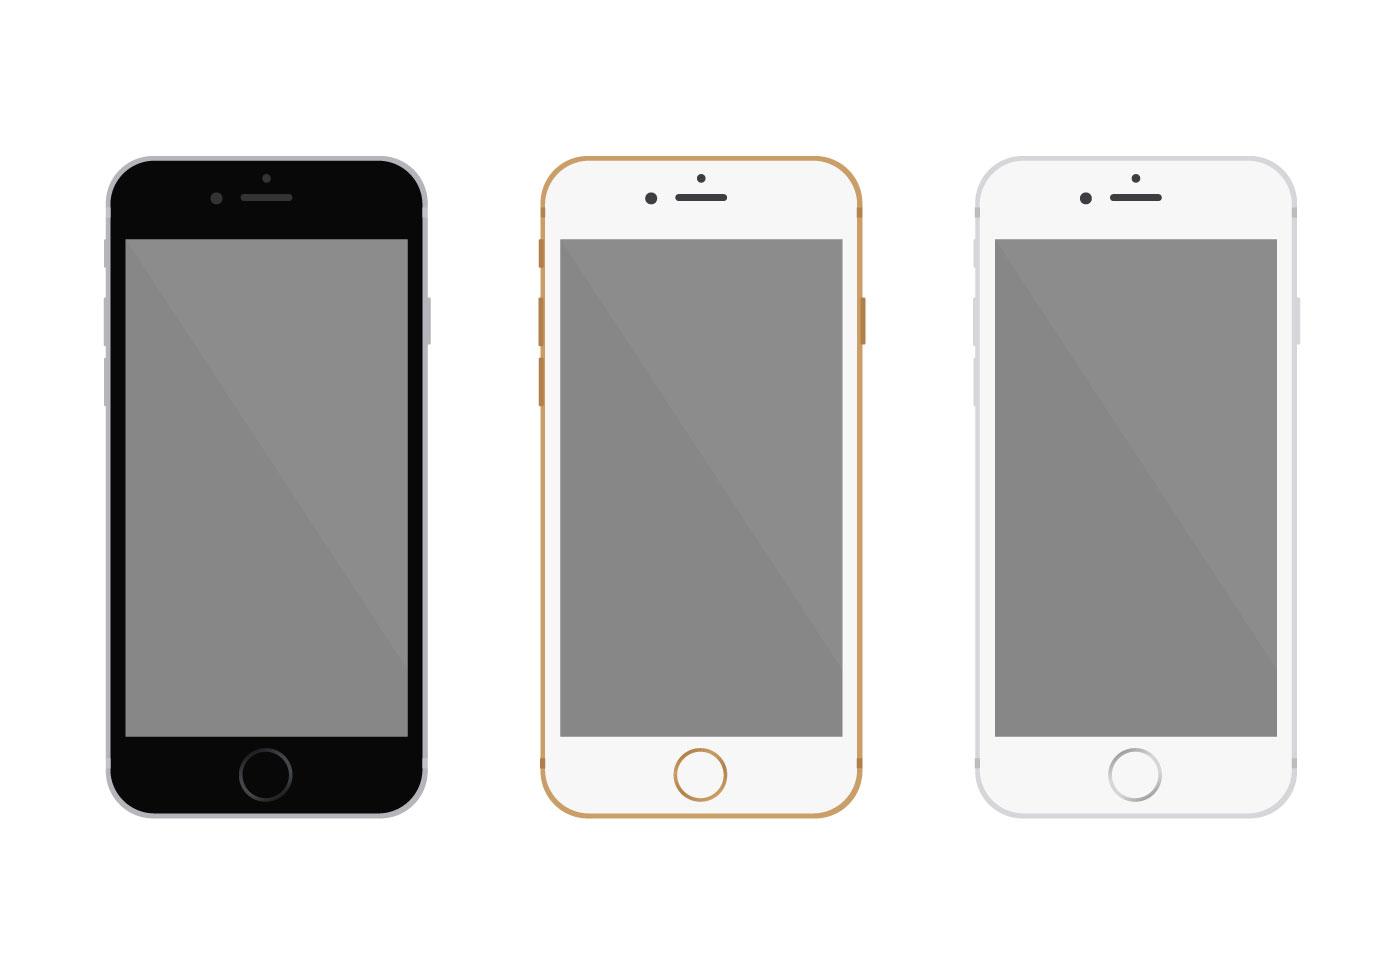 1400x980 Smartphone Free Vector Art